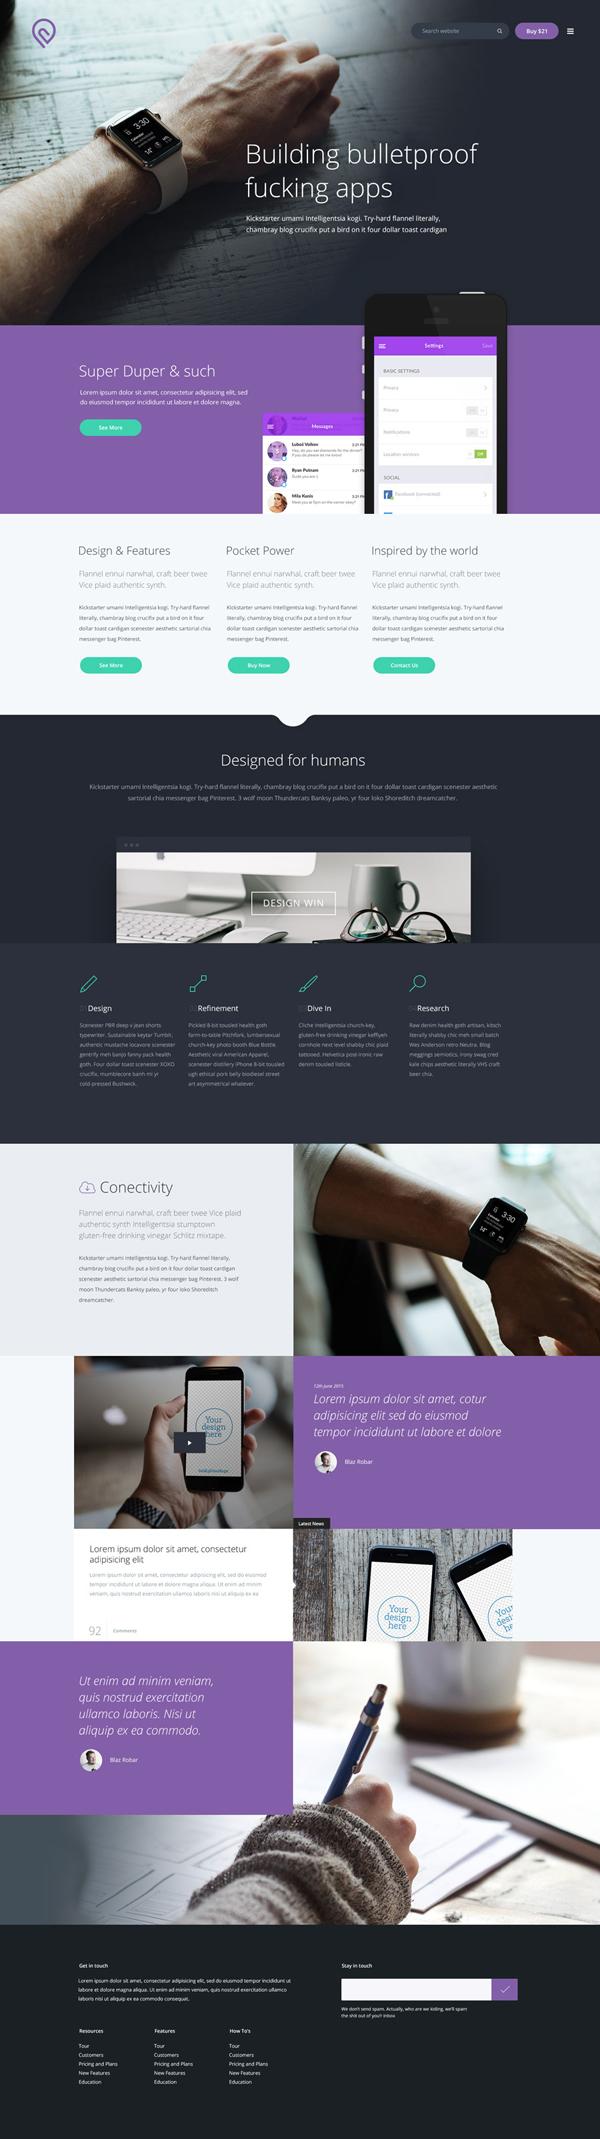 Modern Free PSD Website Template